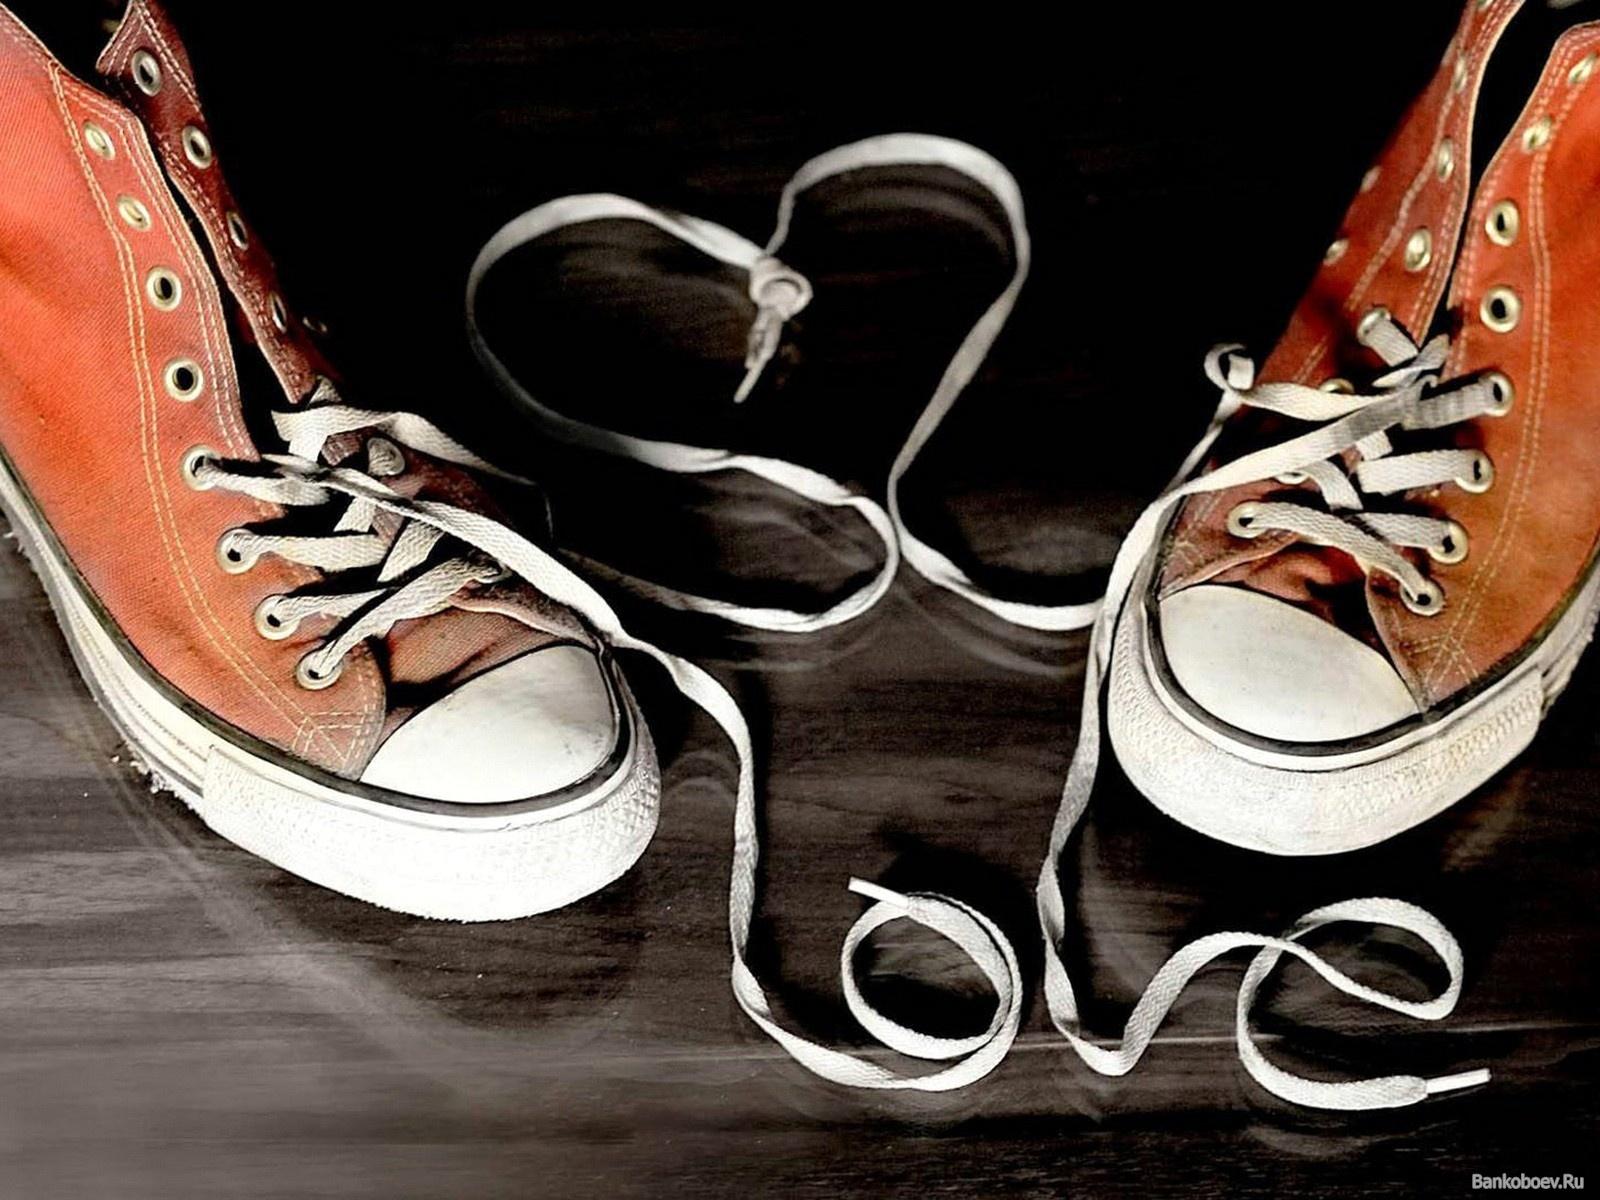 А вы готовы завязать шнурок незнакомому человеку?